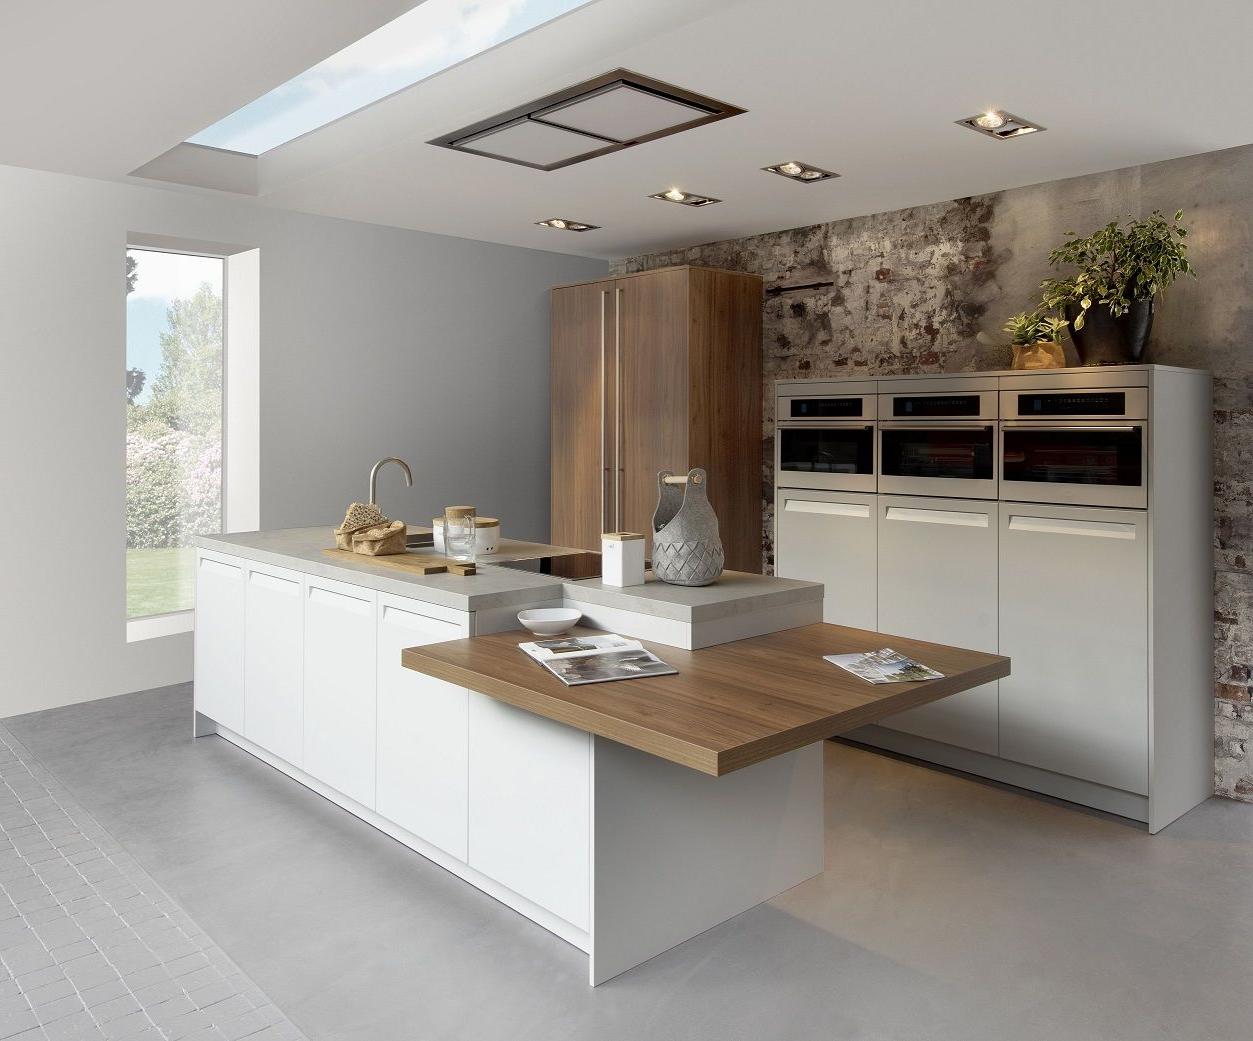 Rangement cuisine - 50 astuces spéciales Ikea